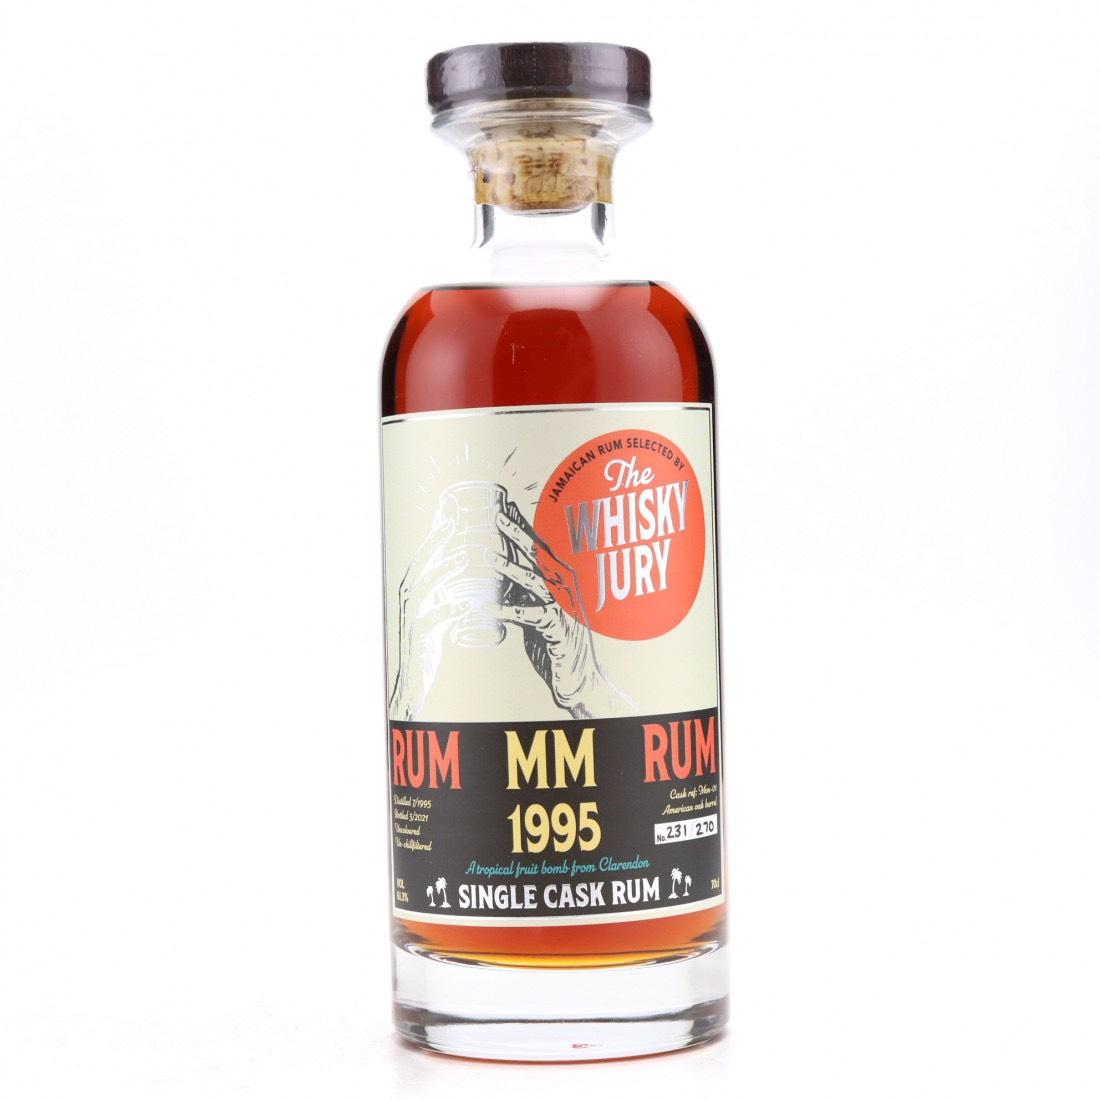 Bottle image of MM